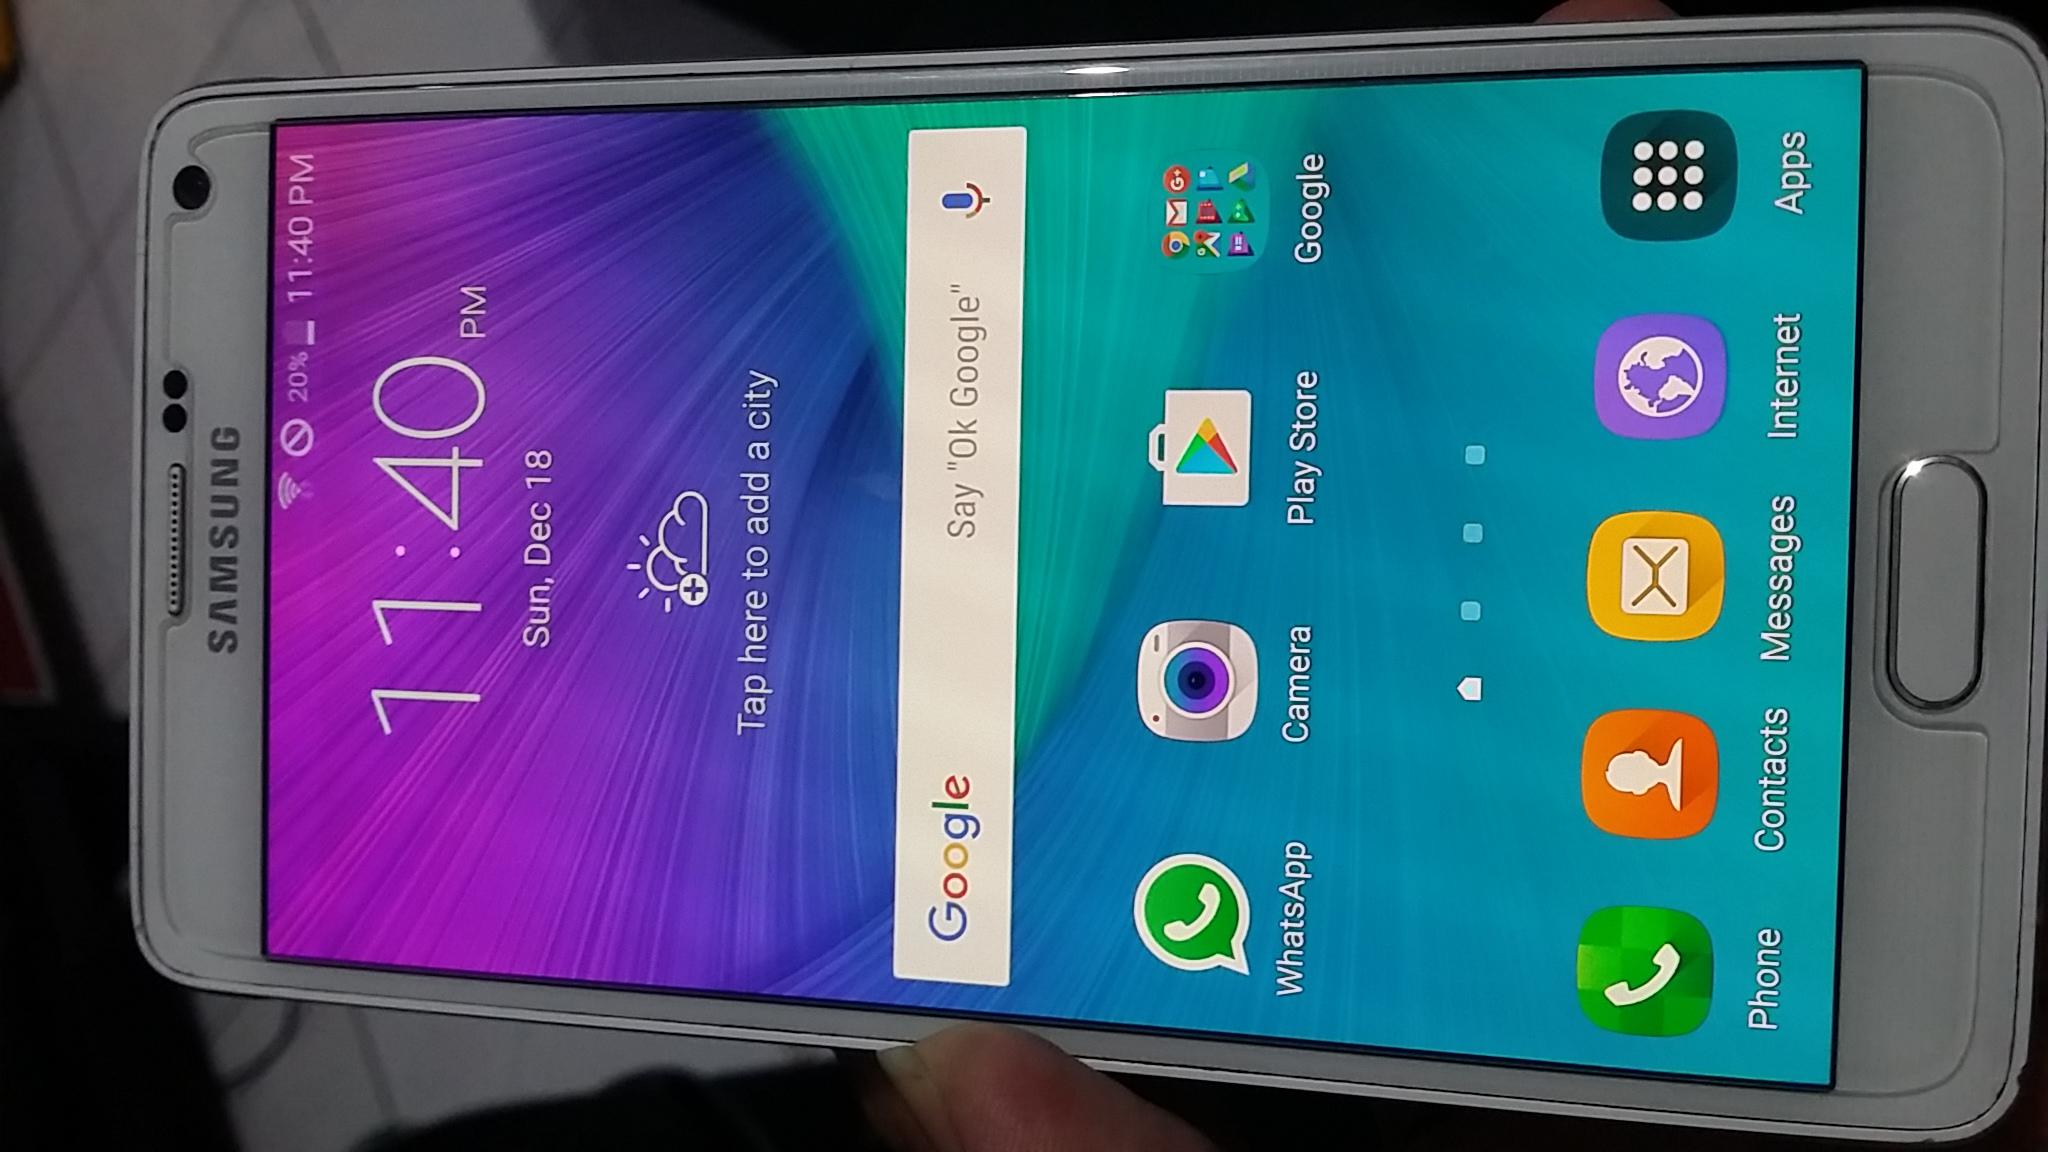 Samsung Galaxy Note 4 4g Lte N910s